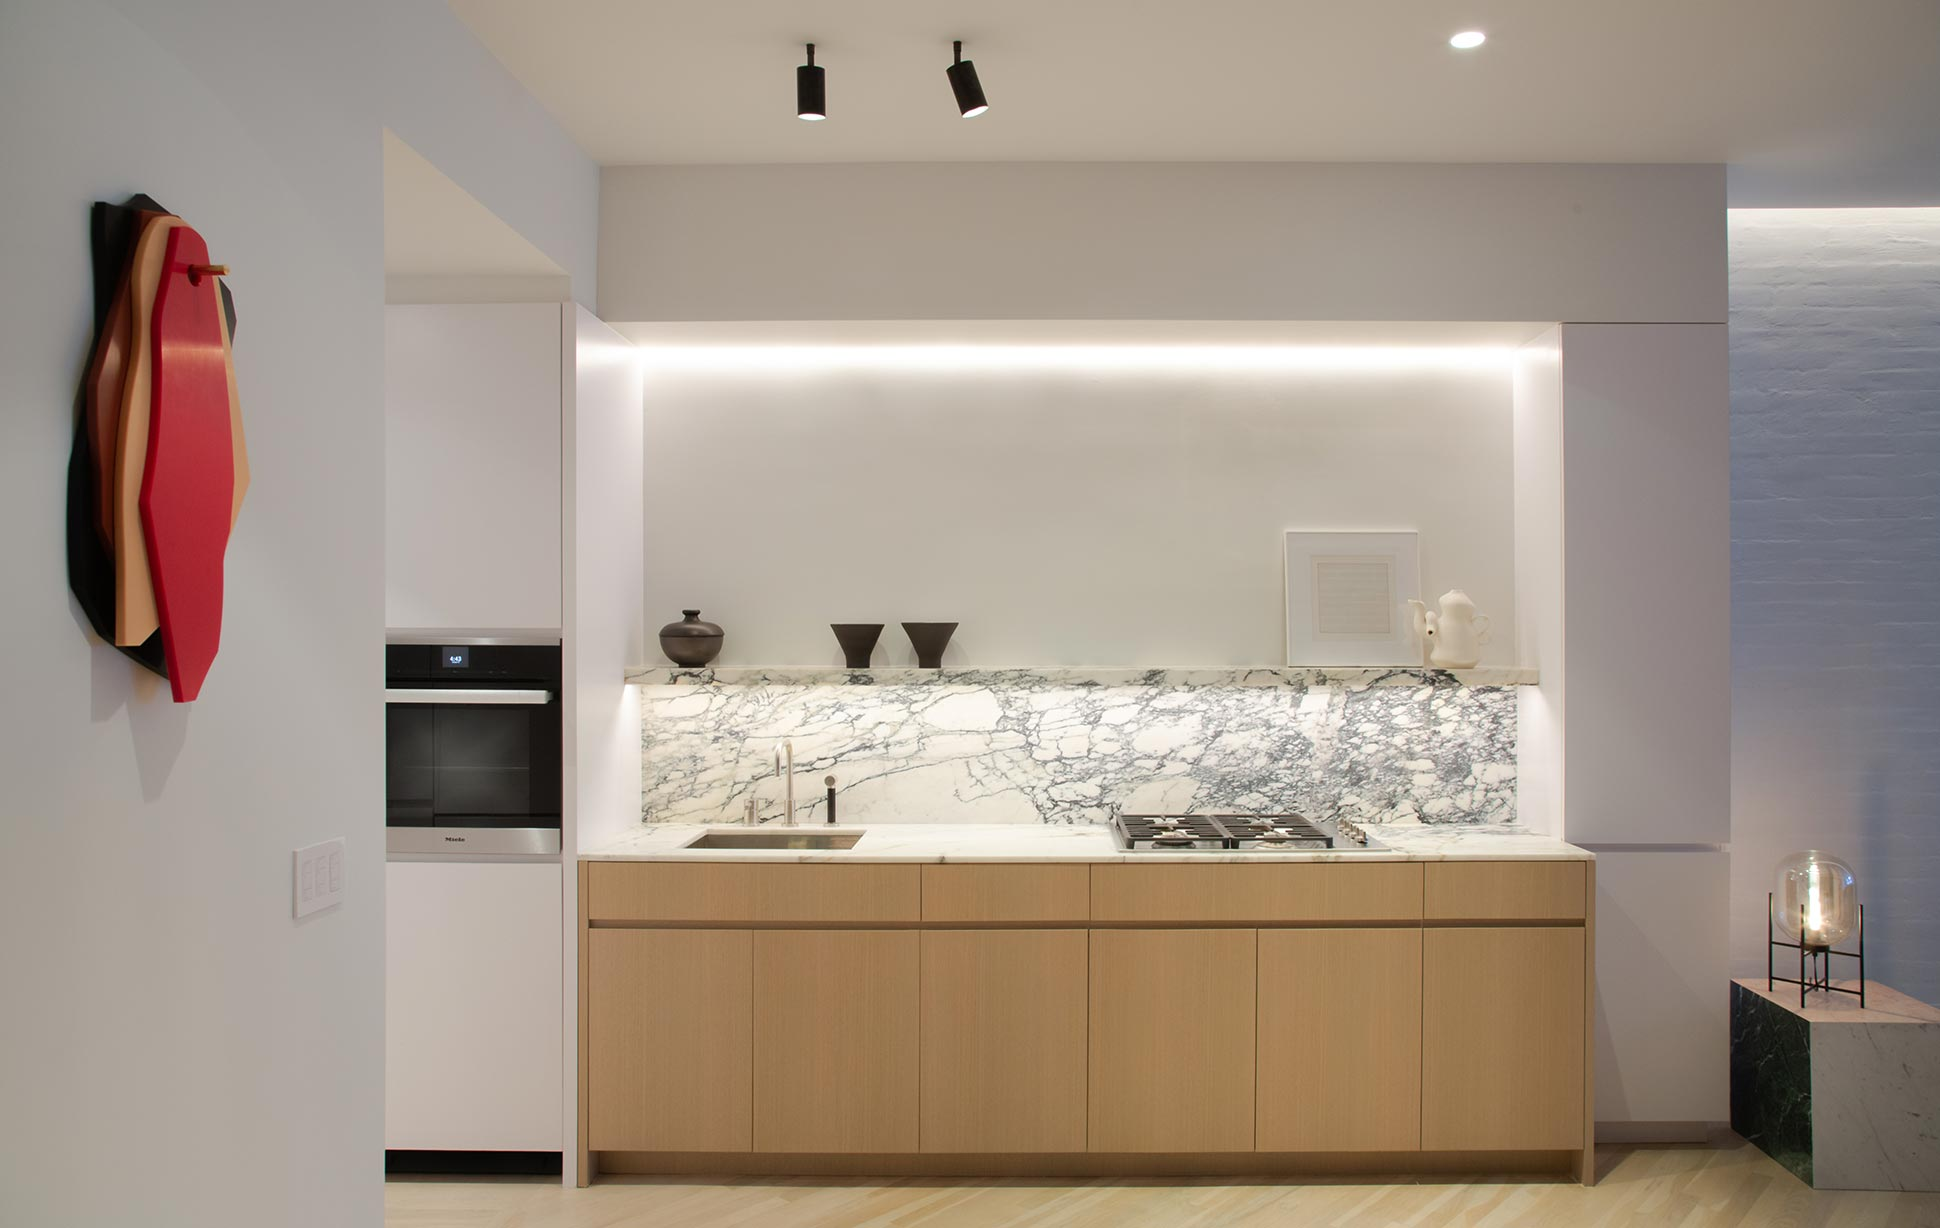 Lighting Design for Nineteenth ST New York NY